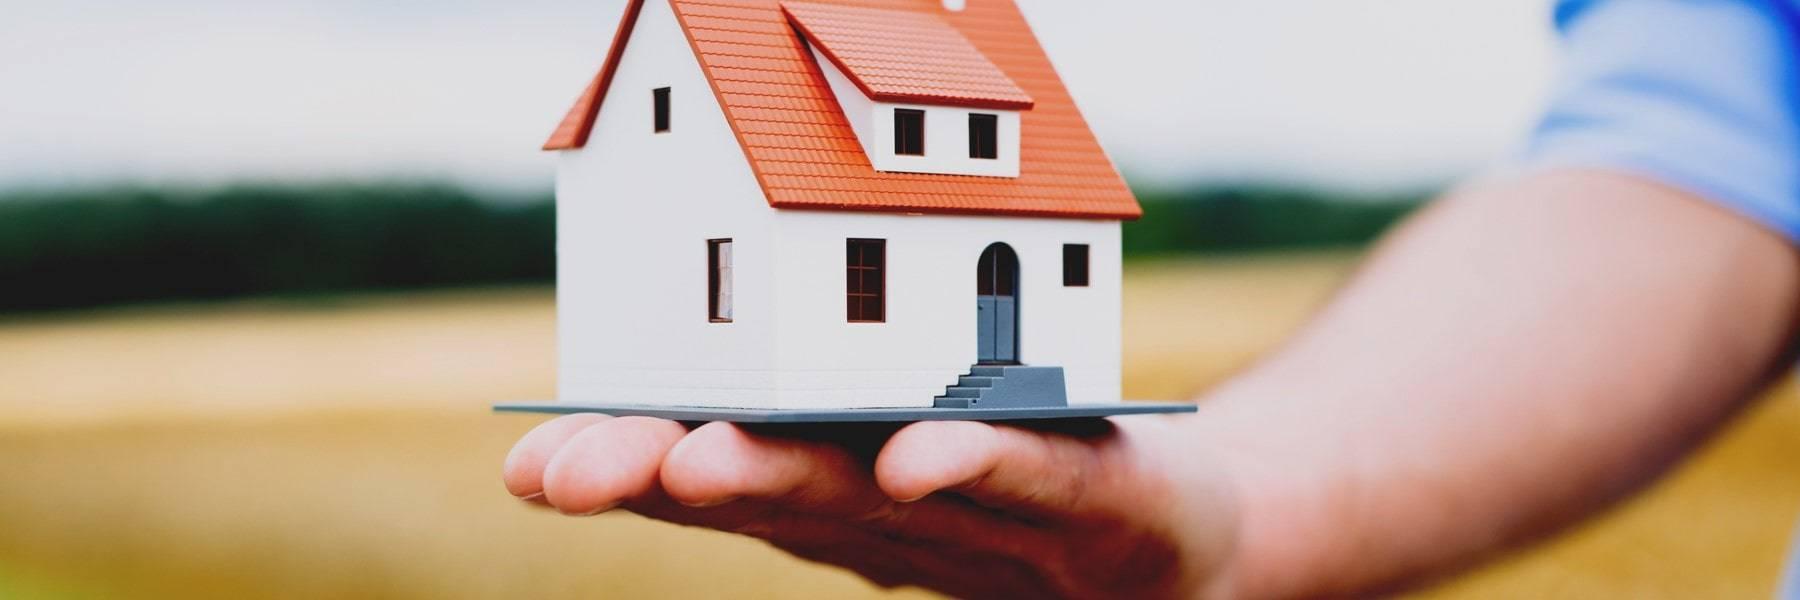 Woning verzekeren - HypotheekStore - De HypotheekStore